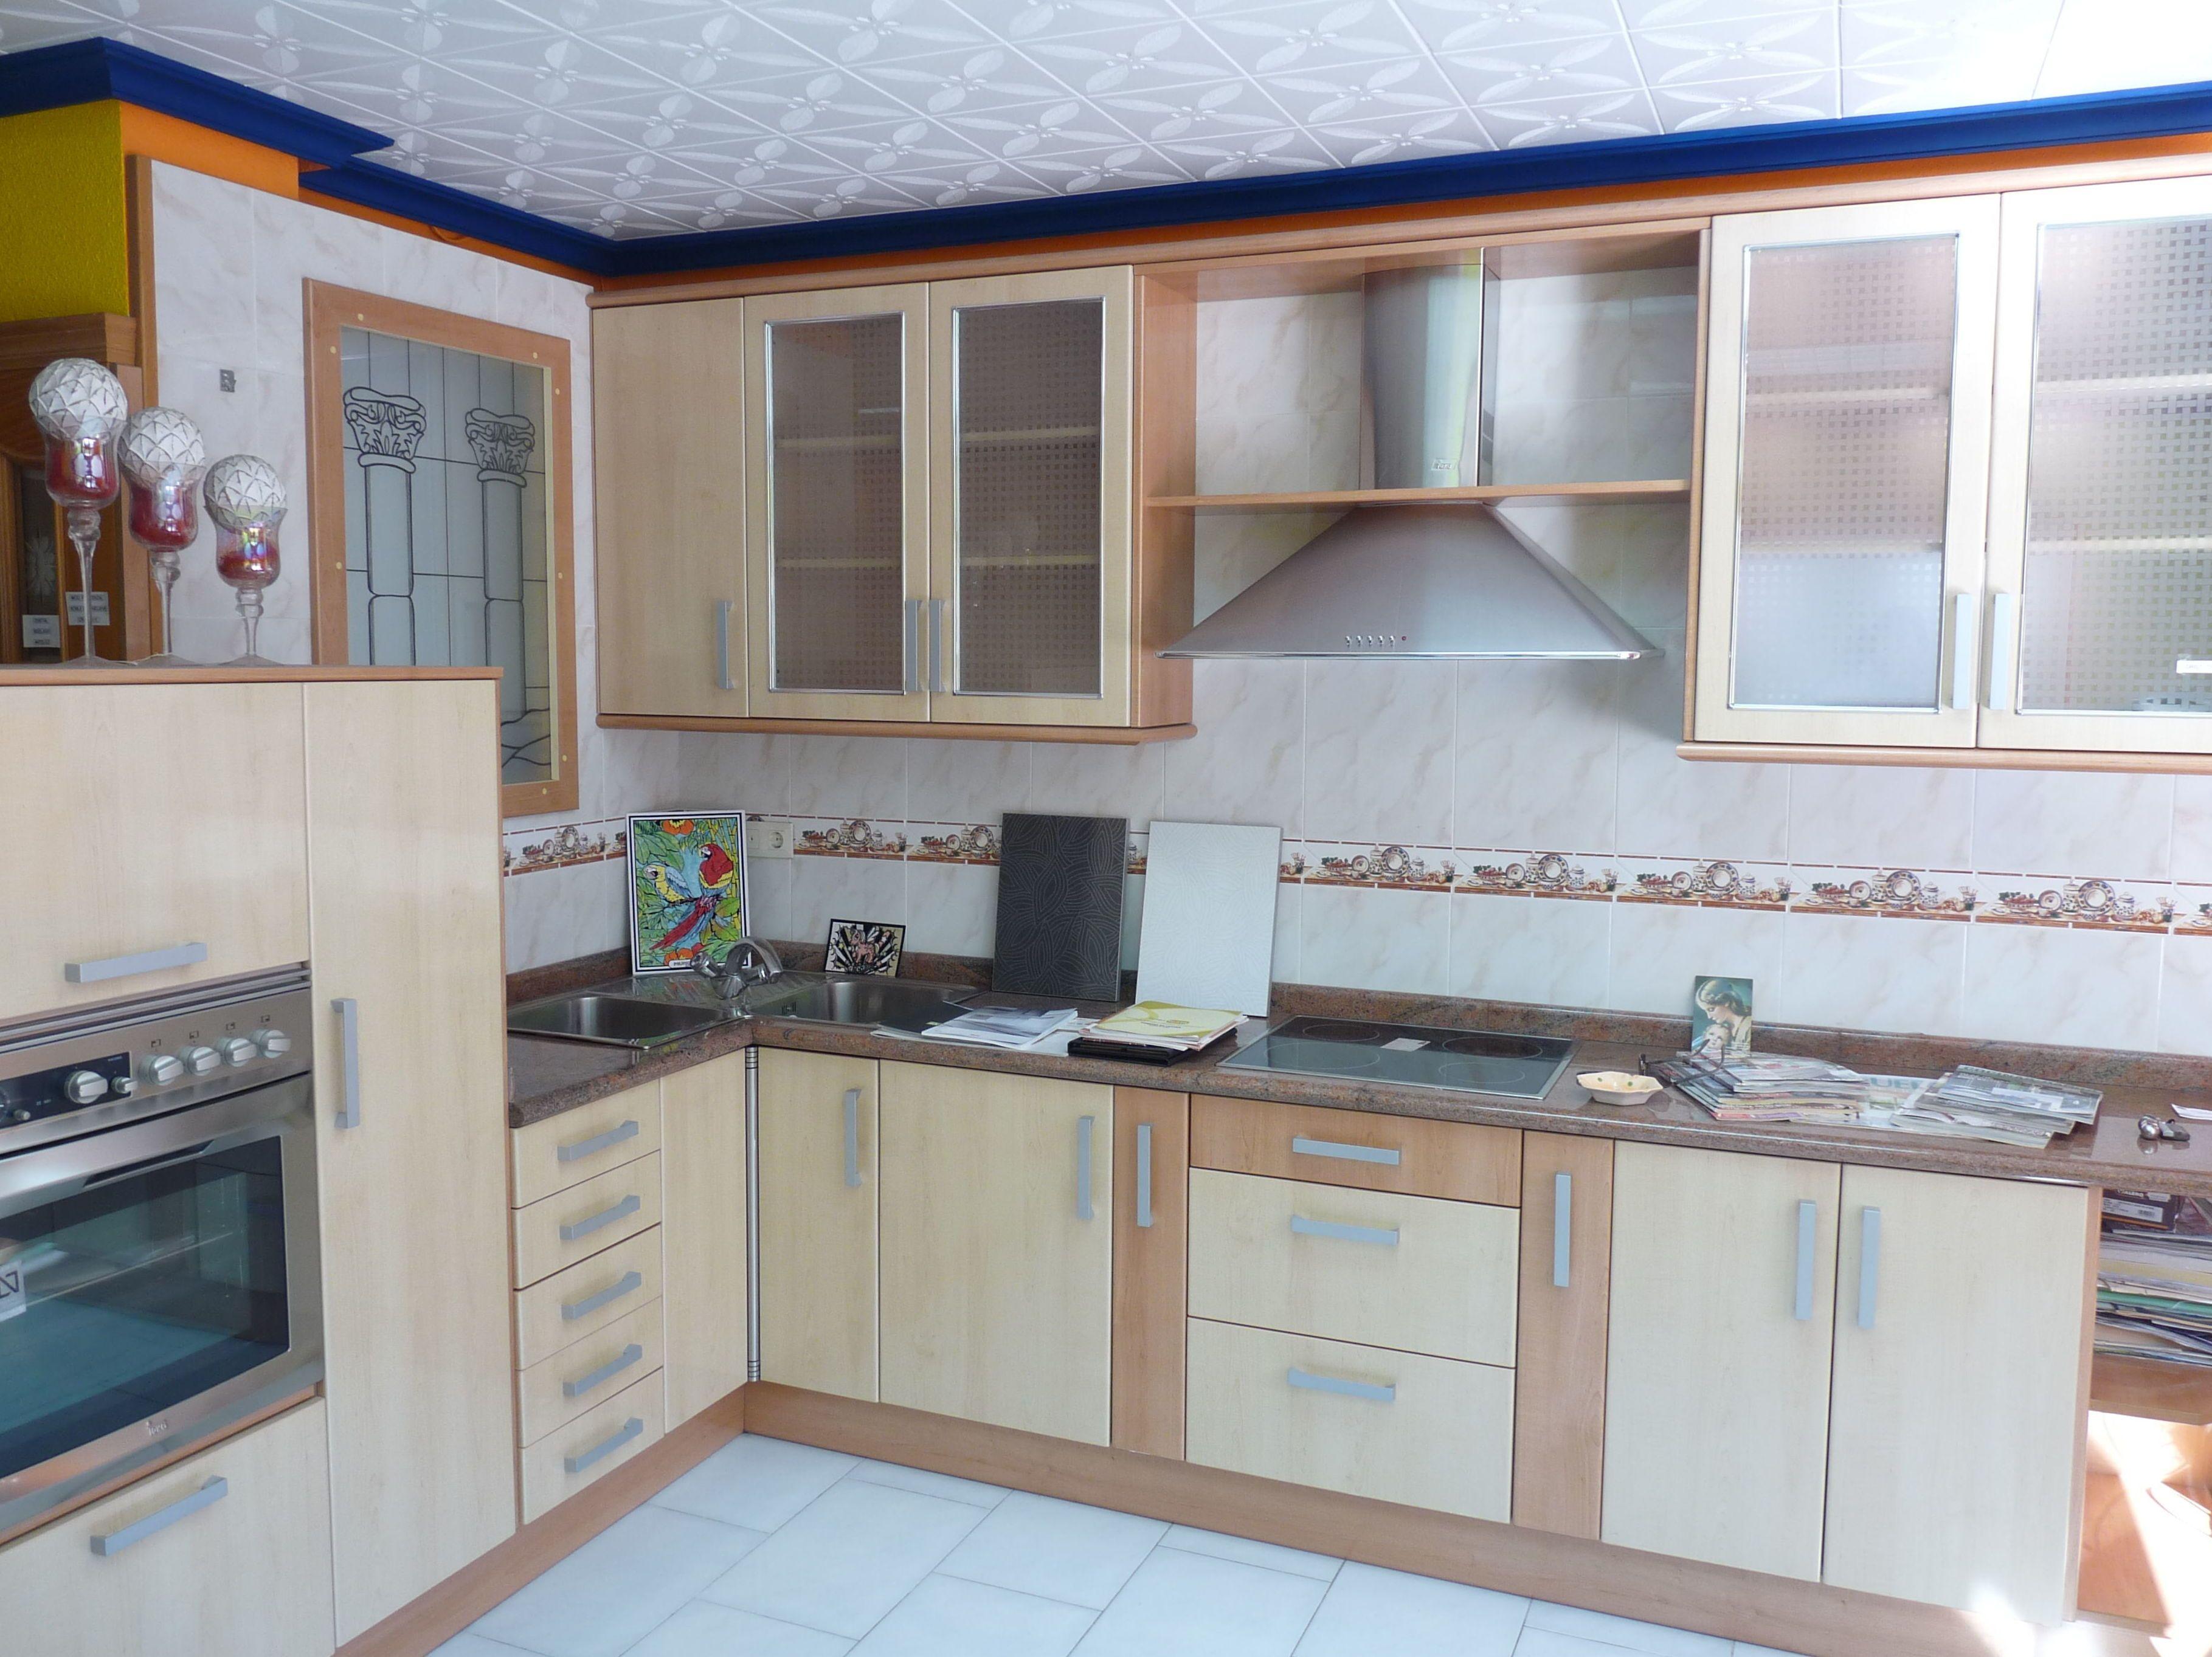 Muebles cocina economicos elegant muebles de cocina for Muebles de cocina baratos